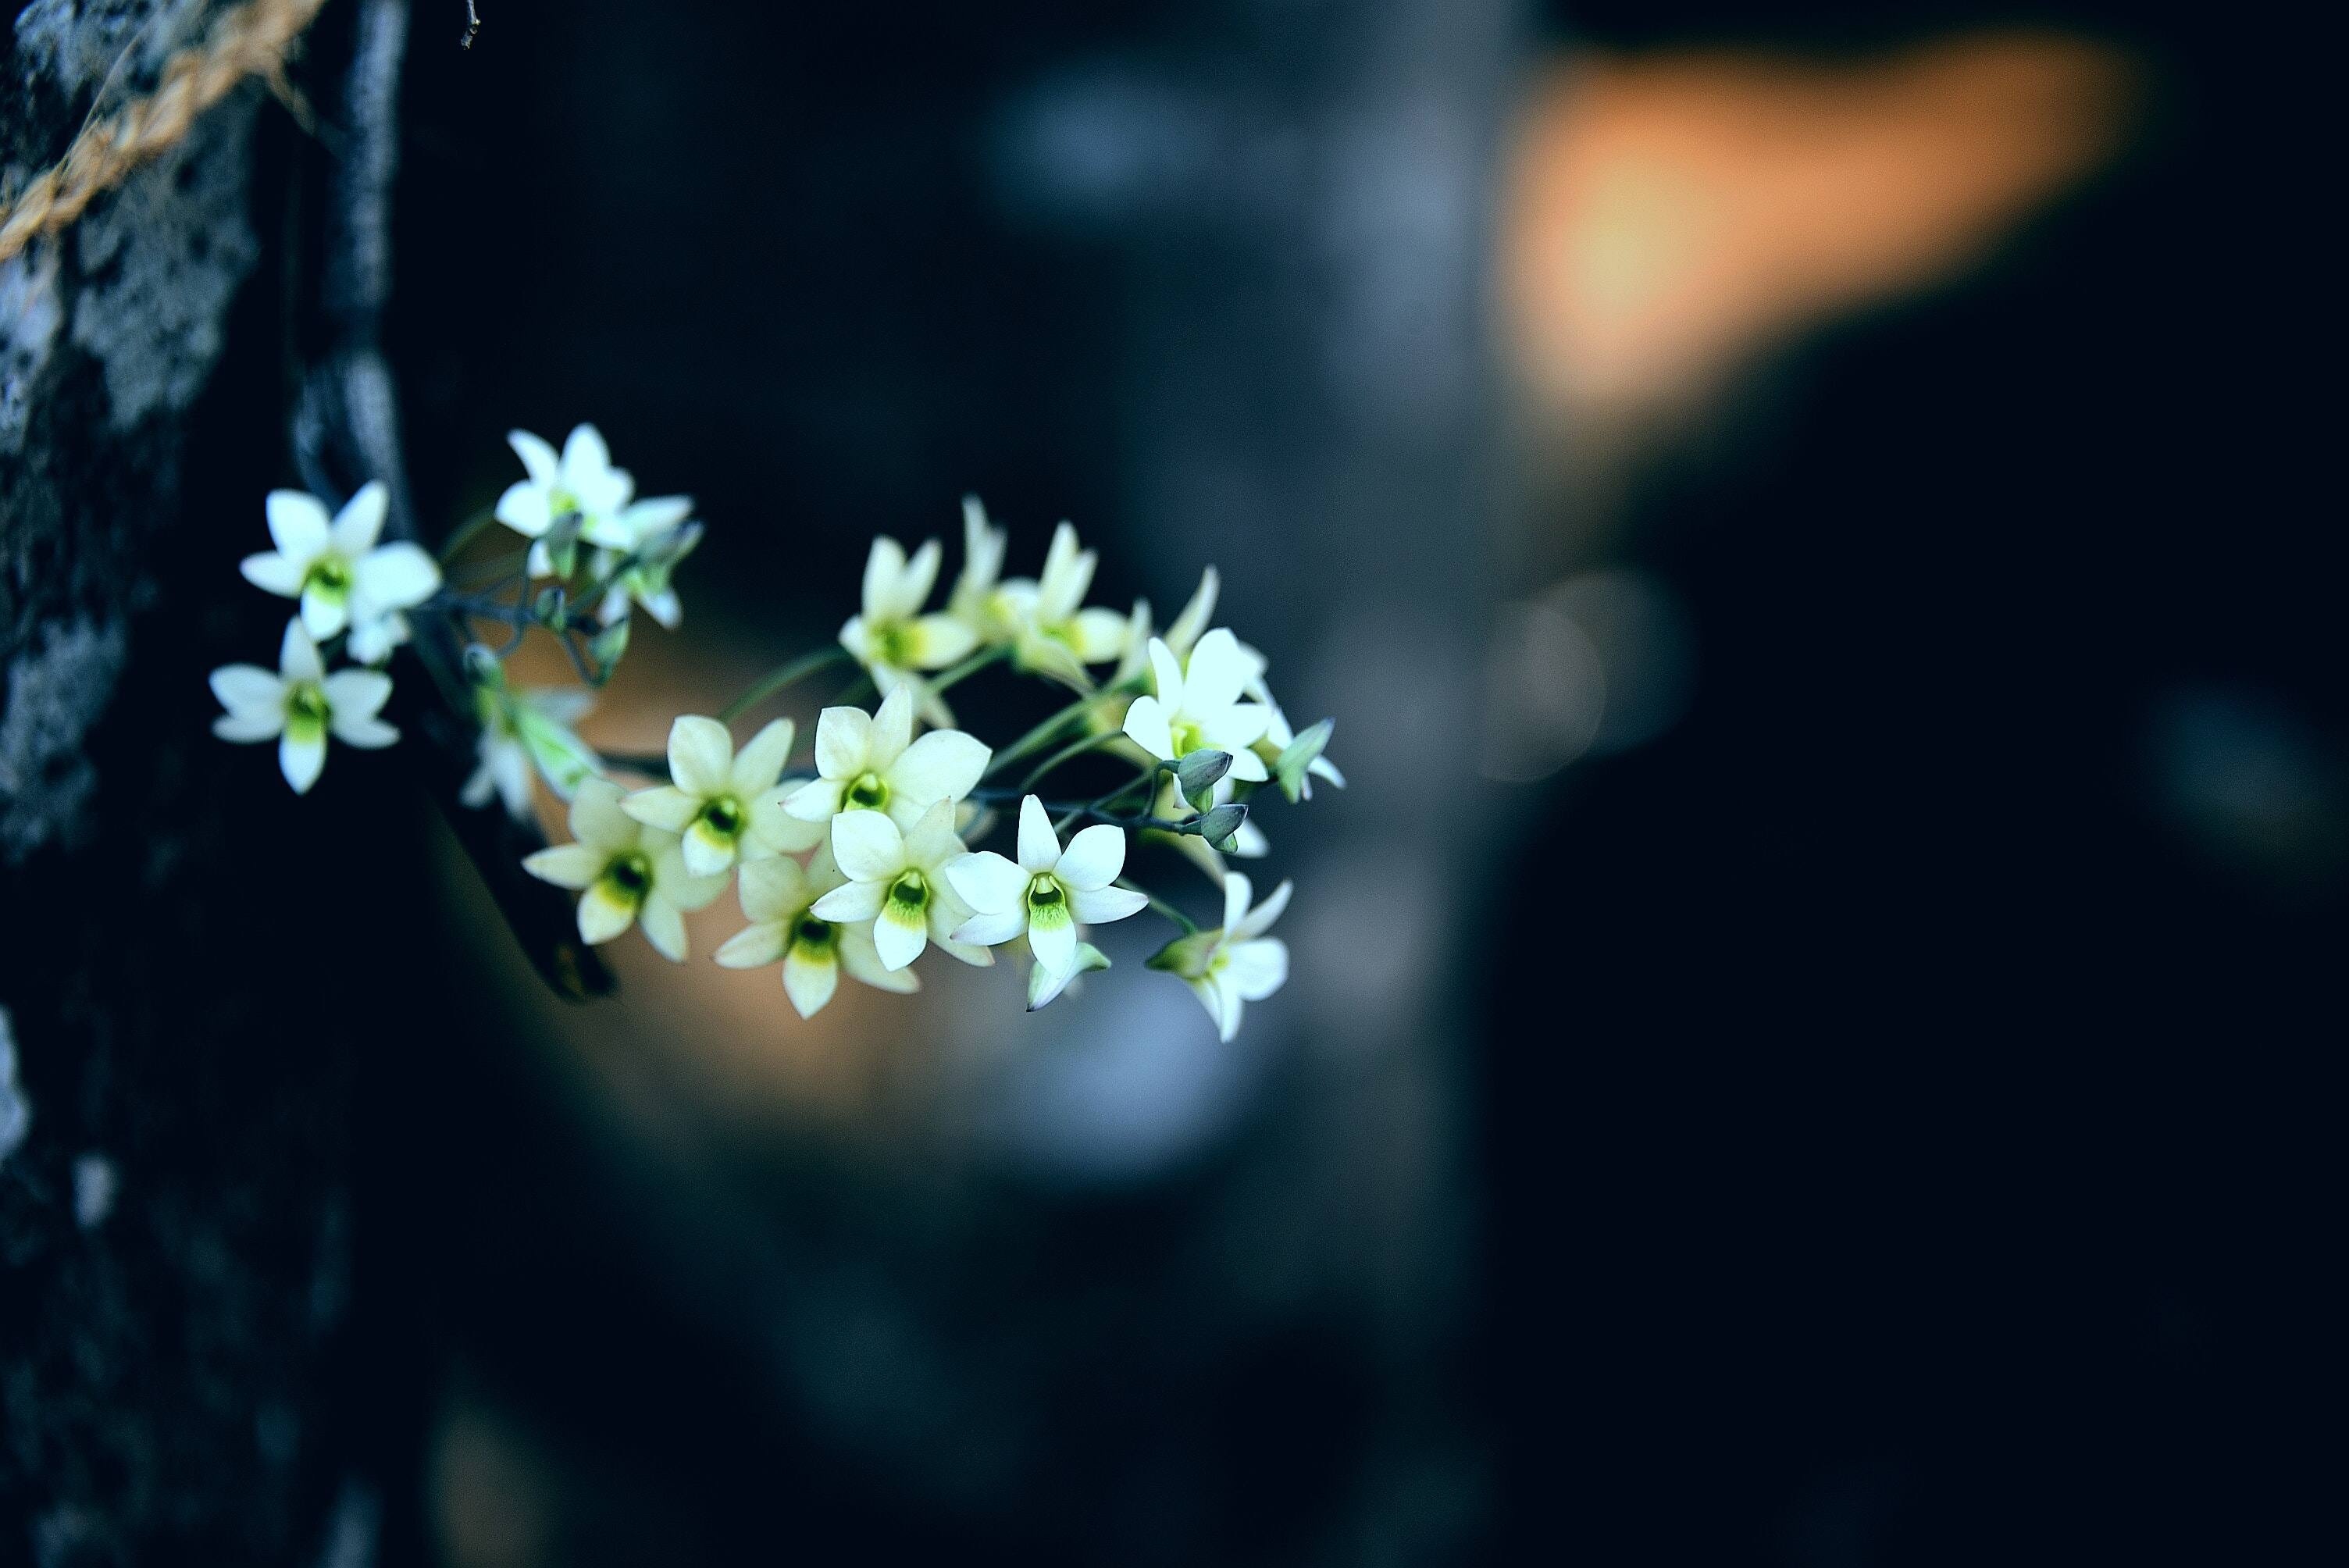 Kho ảnh miễn phí về hoa dại, hoa đẹp